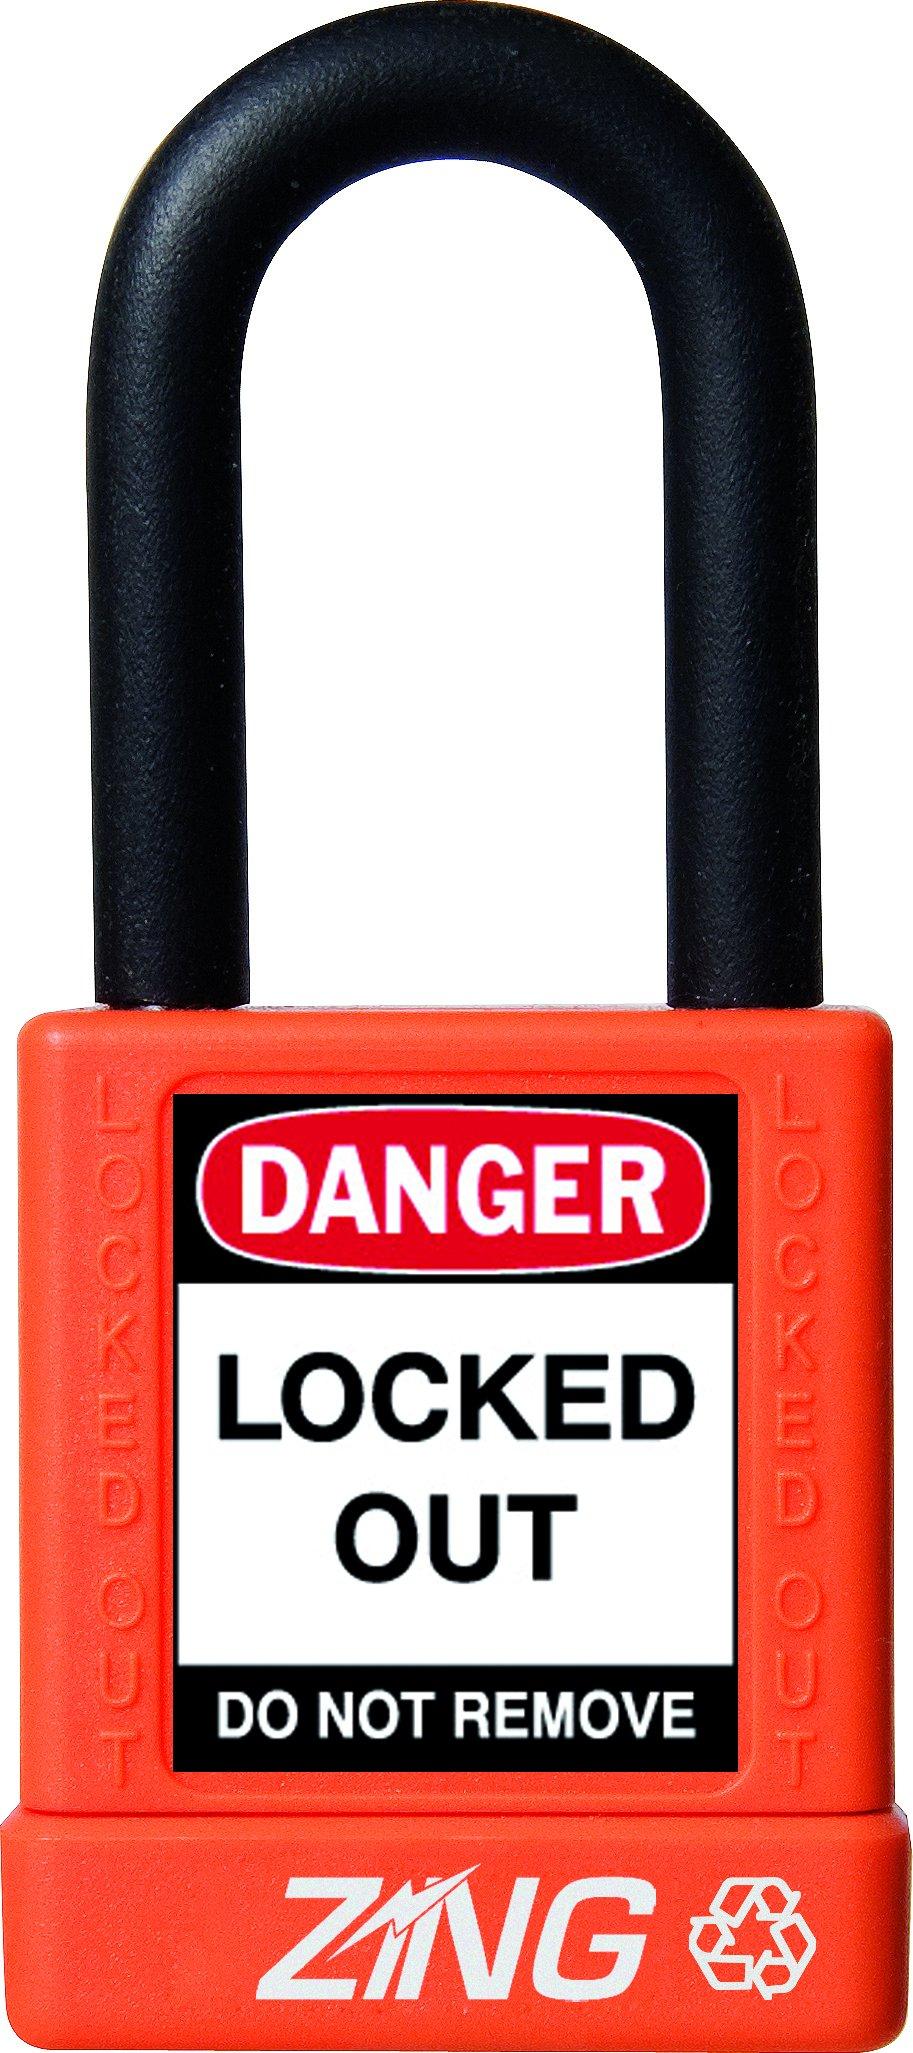 ZING 7043 RecycLock Safety Padlock, Keyed Alike, 1-1/2'' Shackle, 1-3/4'' Body, Orange